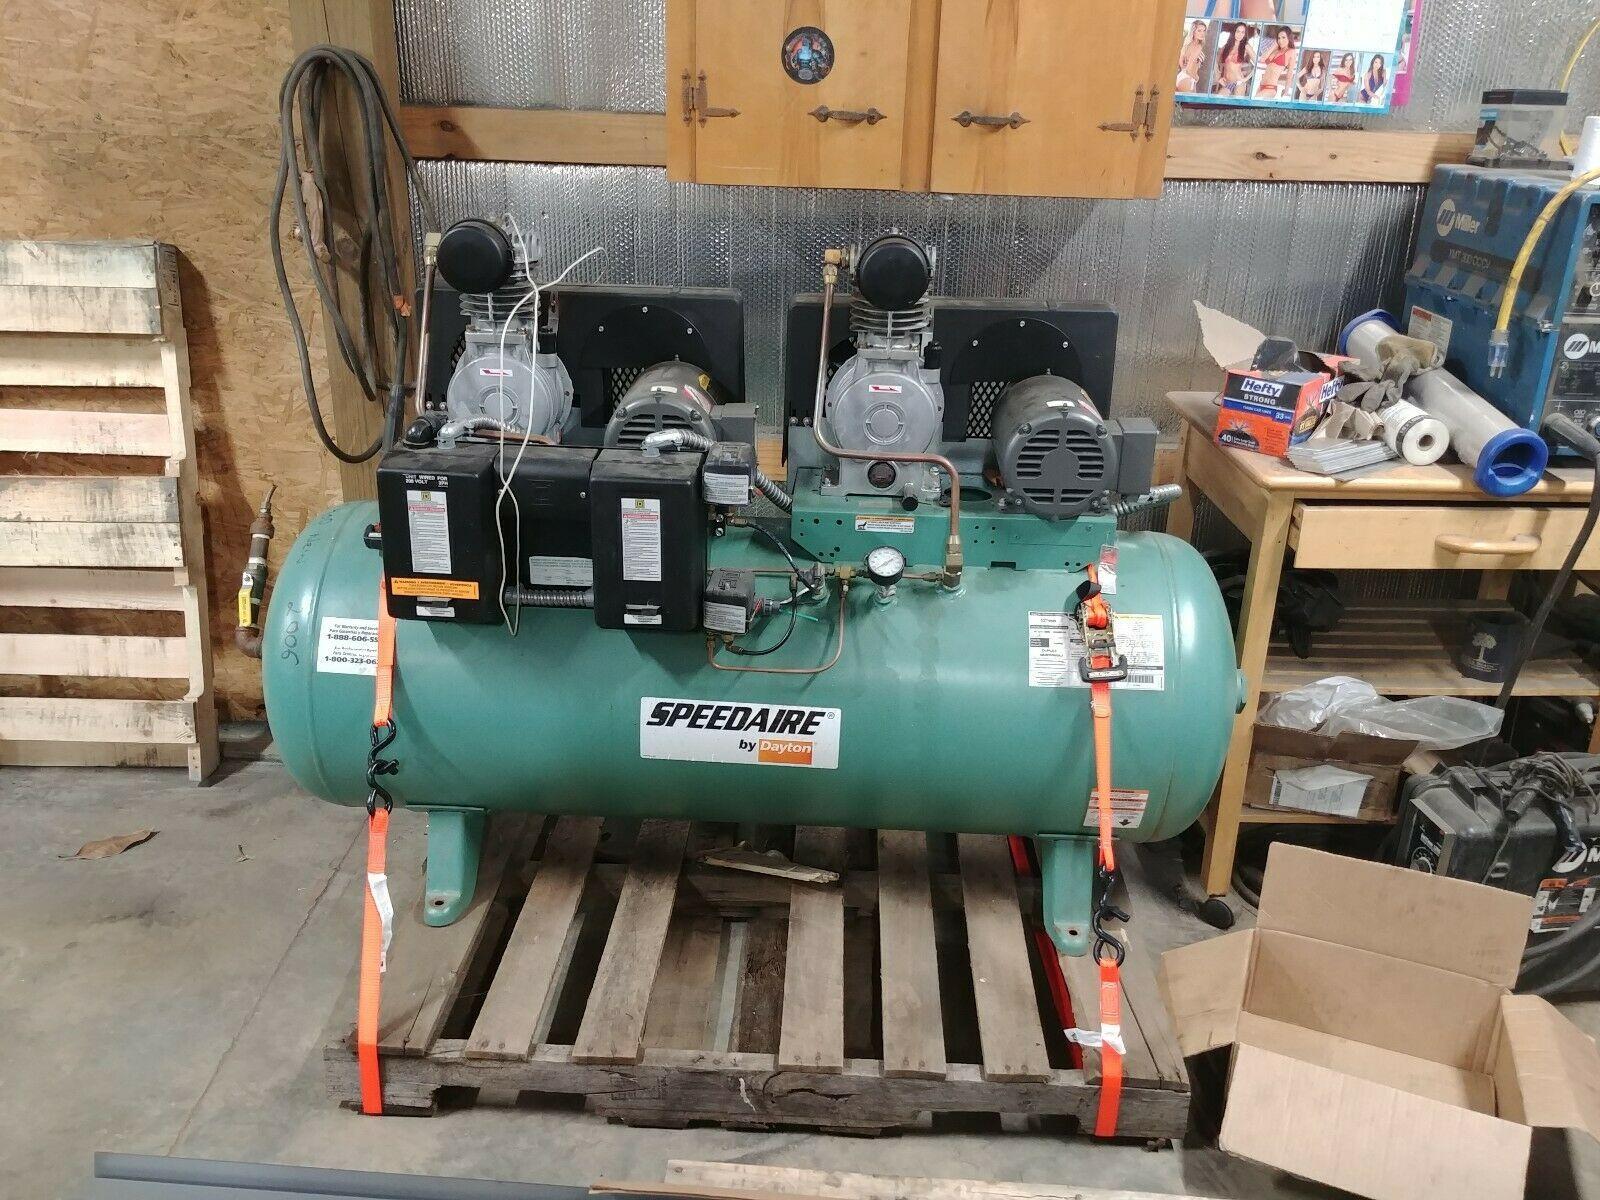 3 Phase Air Compressor in 2020 Air compressor, 80 gallon